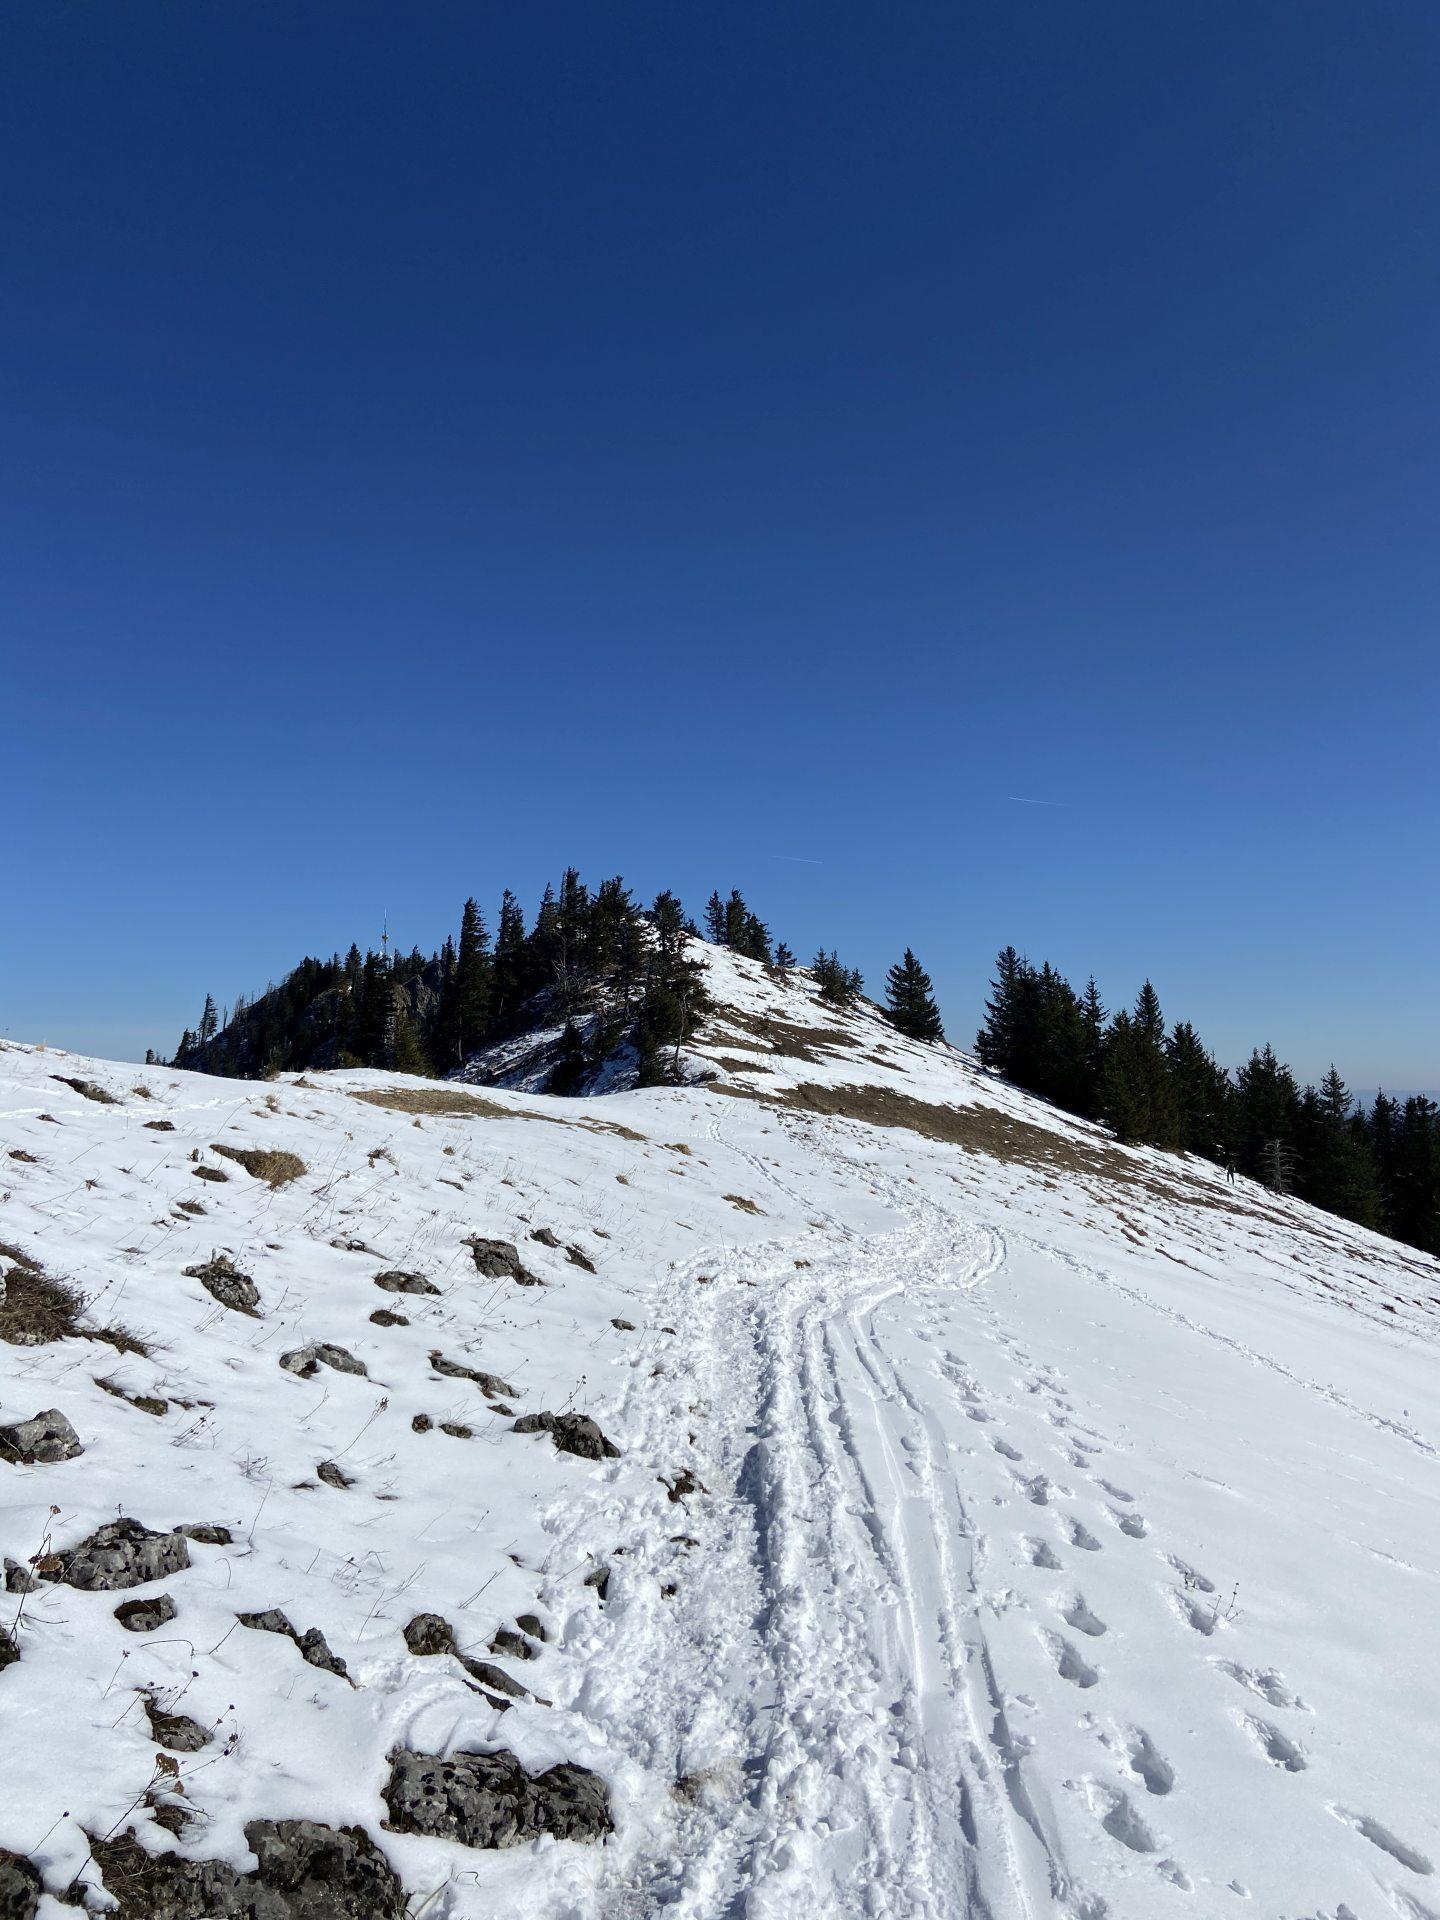 Verschneit, aber wunderbar zu begehen! - Himmel, Kaiserwetter, Natur, Pfad, Ramsau, Schnee, Spuren, Unterberg, Weg, wolkenlos - (Adamsthal, Kieneck, Niederösterreich, Österreich)